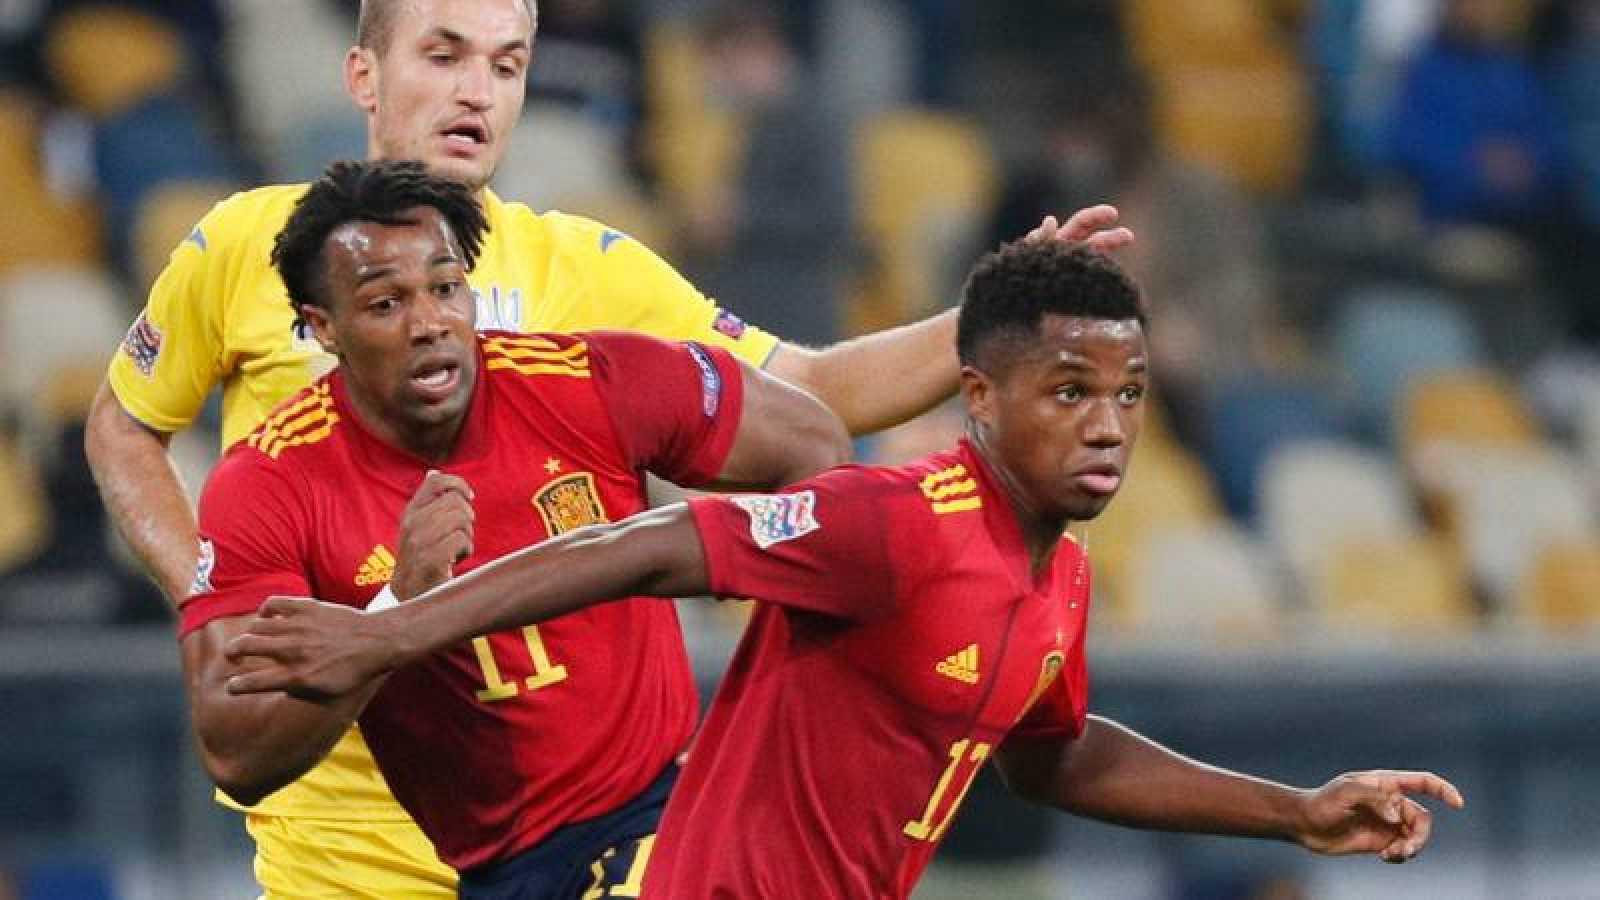 Los jugadores de la selección española Adama Traoré y Ansu Fati durante el partido ante Ucrania en Kiev.